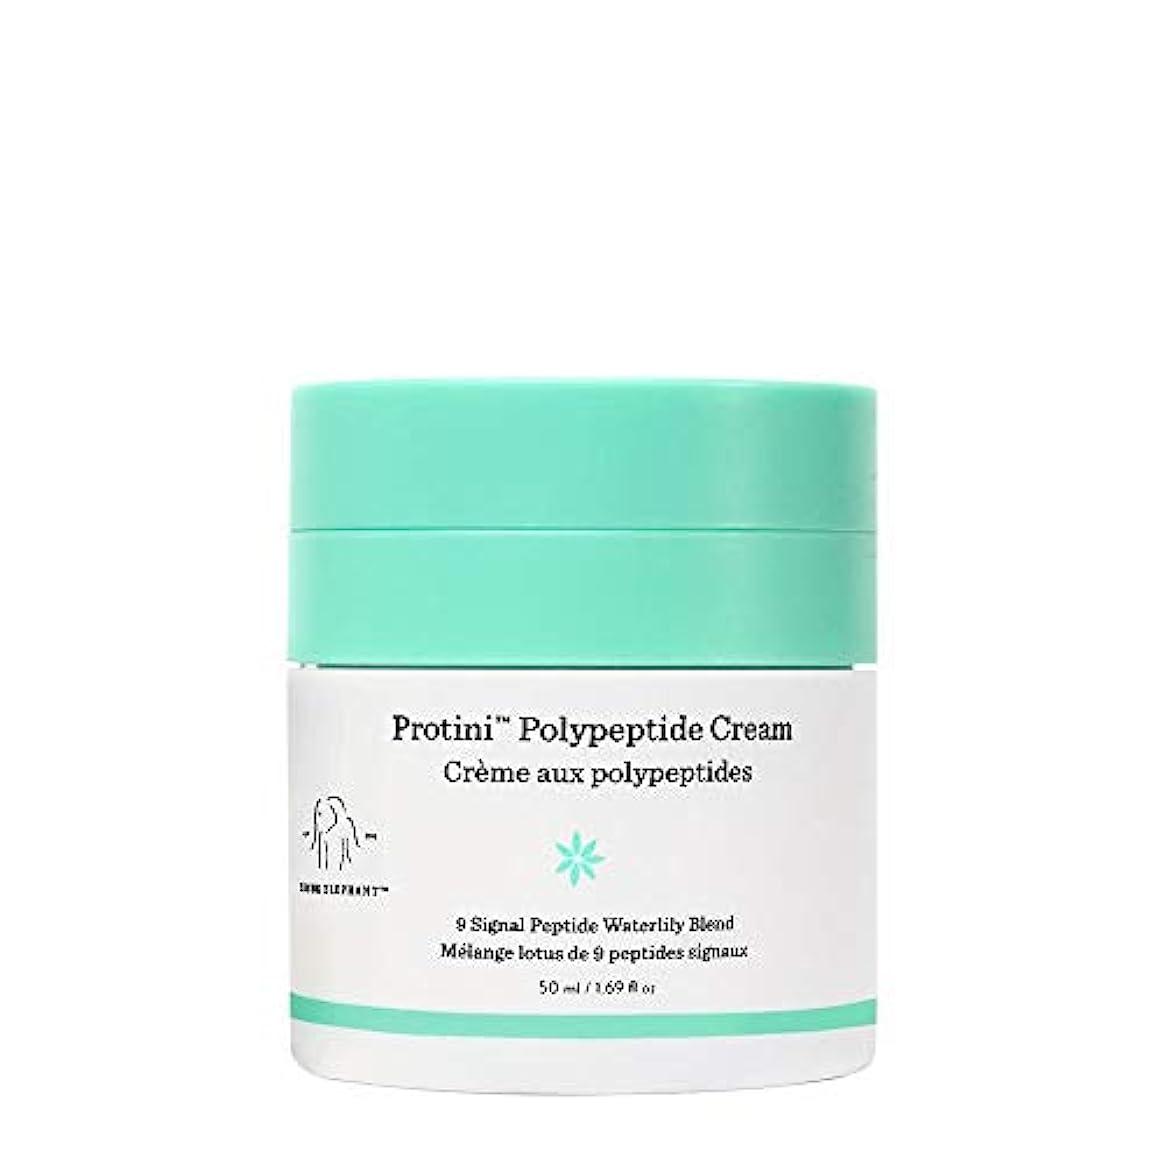 美人欺蓮DRUNK ELEPHANT Protini Polypeptide Cream 1.69 oz/ 50 ml ドランクエレファント プロティーニ ポリペプタイド クリーム 1.69 oz/ 50 ml